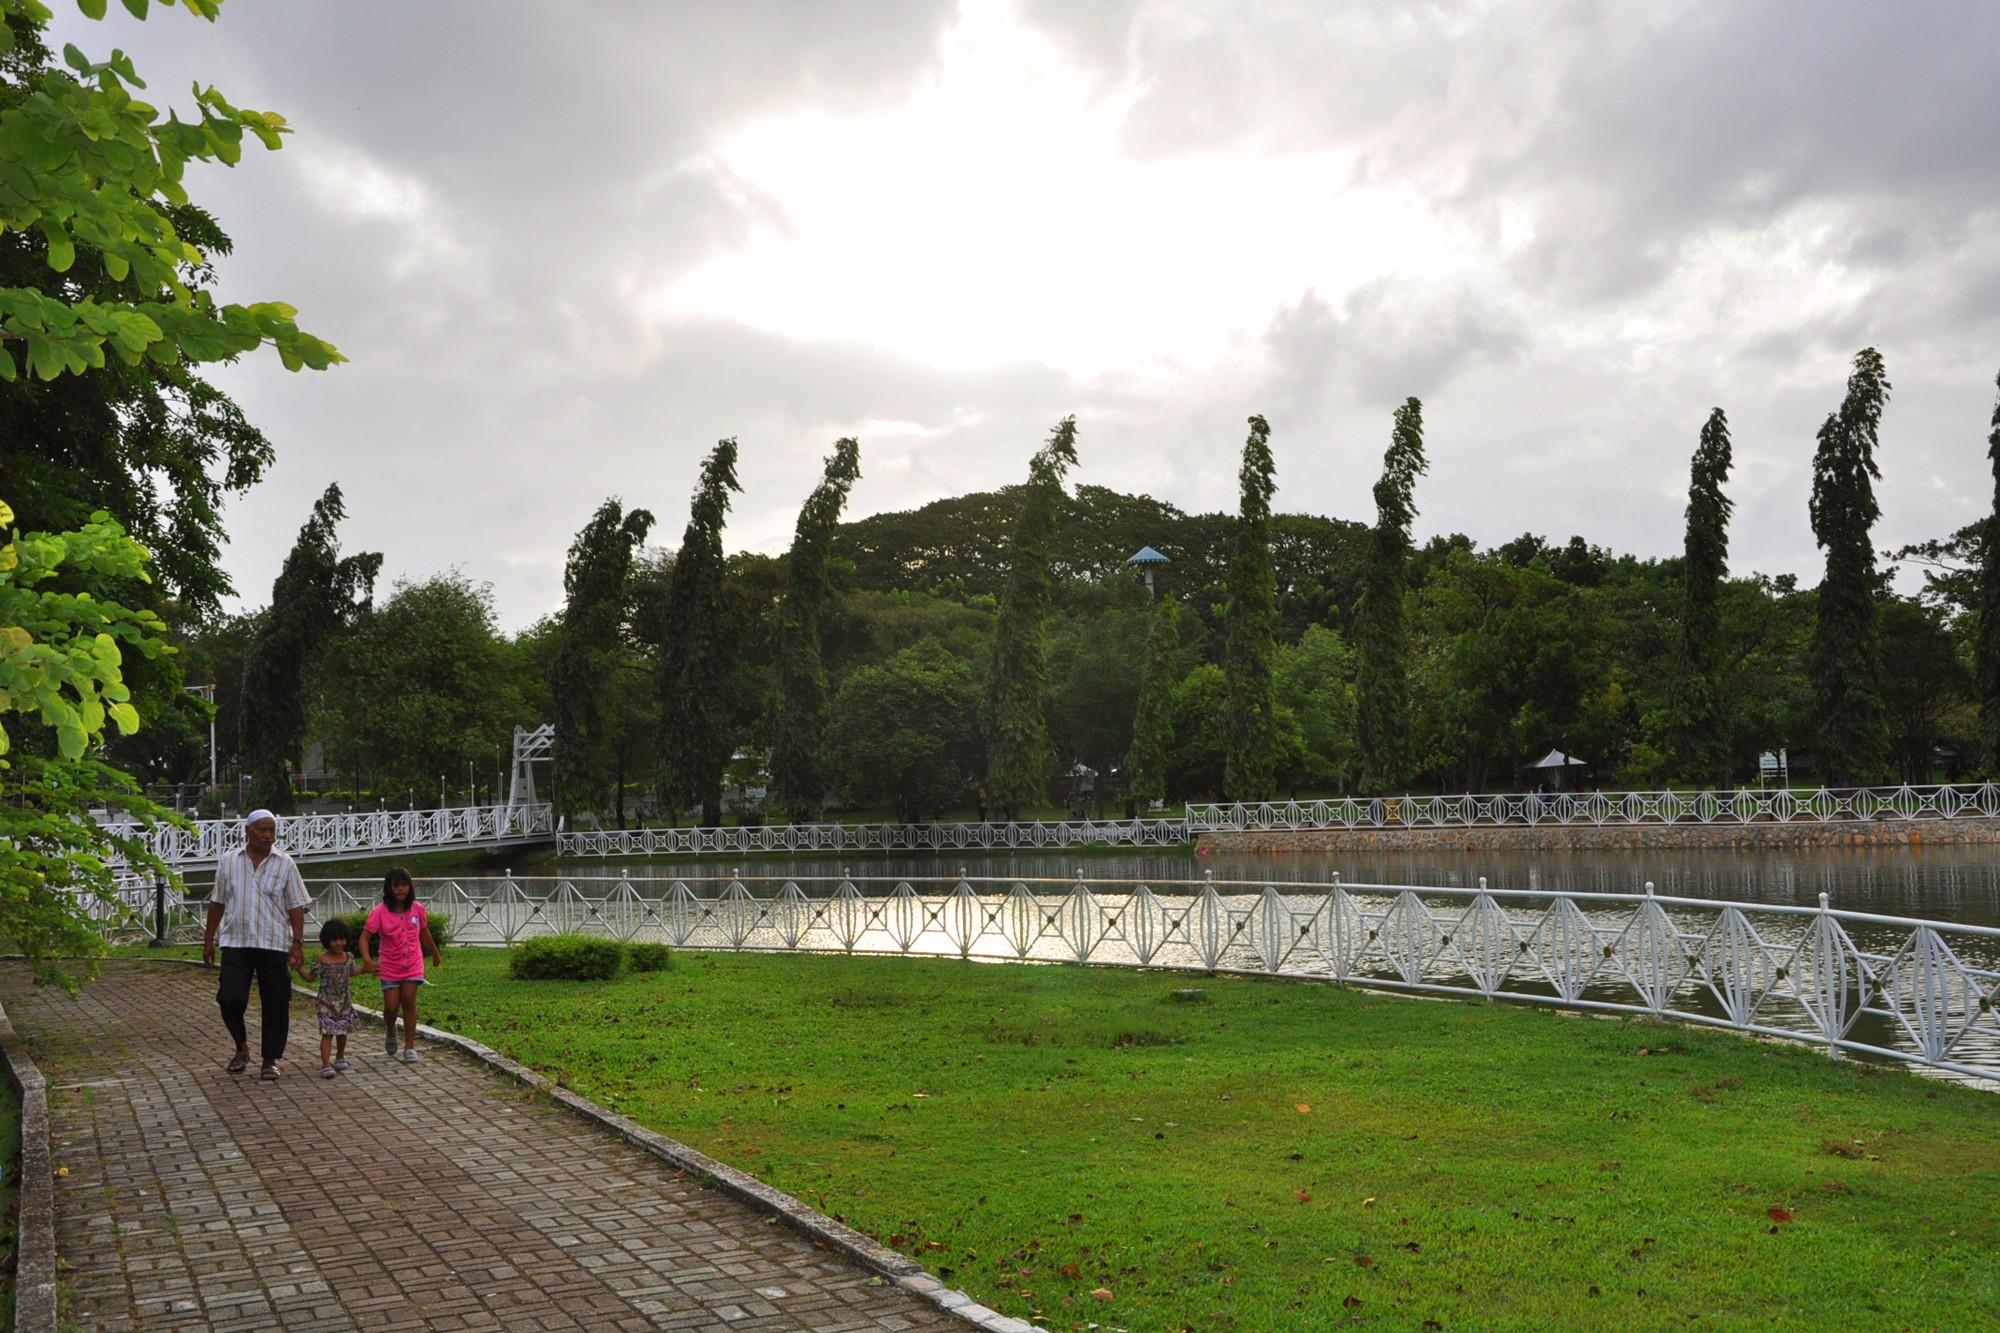 Dahulu, di taman ini terdapat miniatur sungai, air terjun, pantai, balai, tebing, kolam dan tanjung